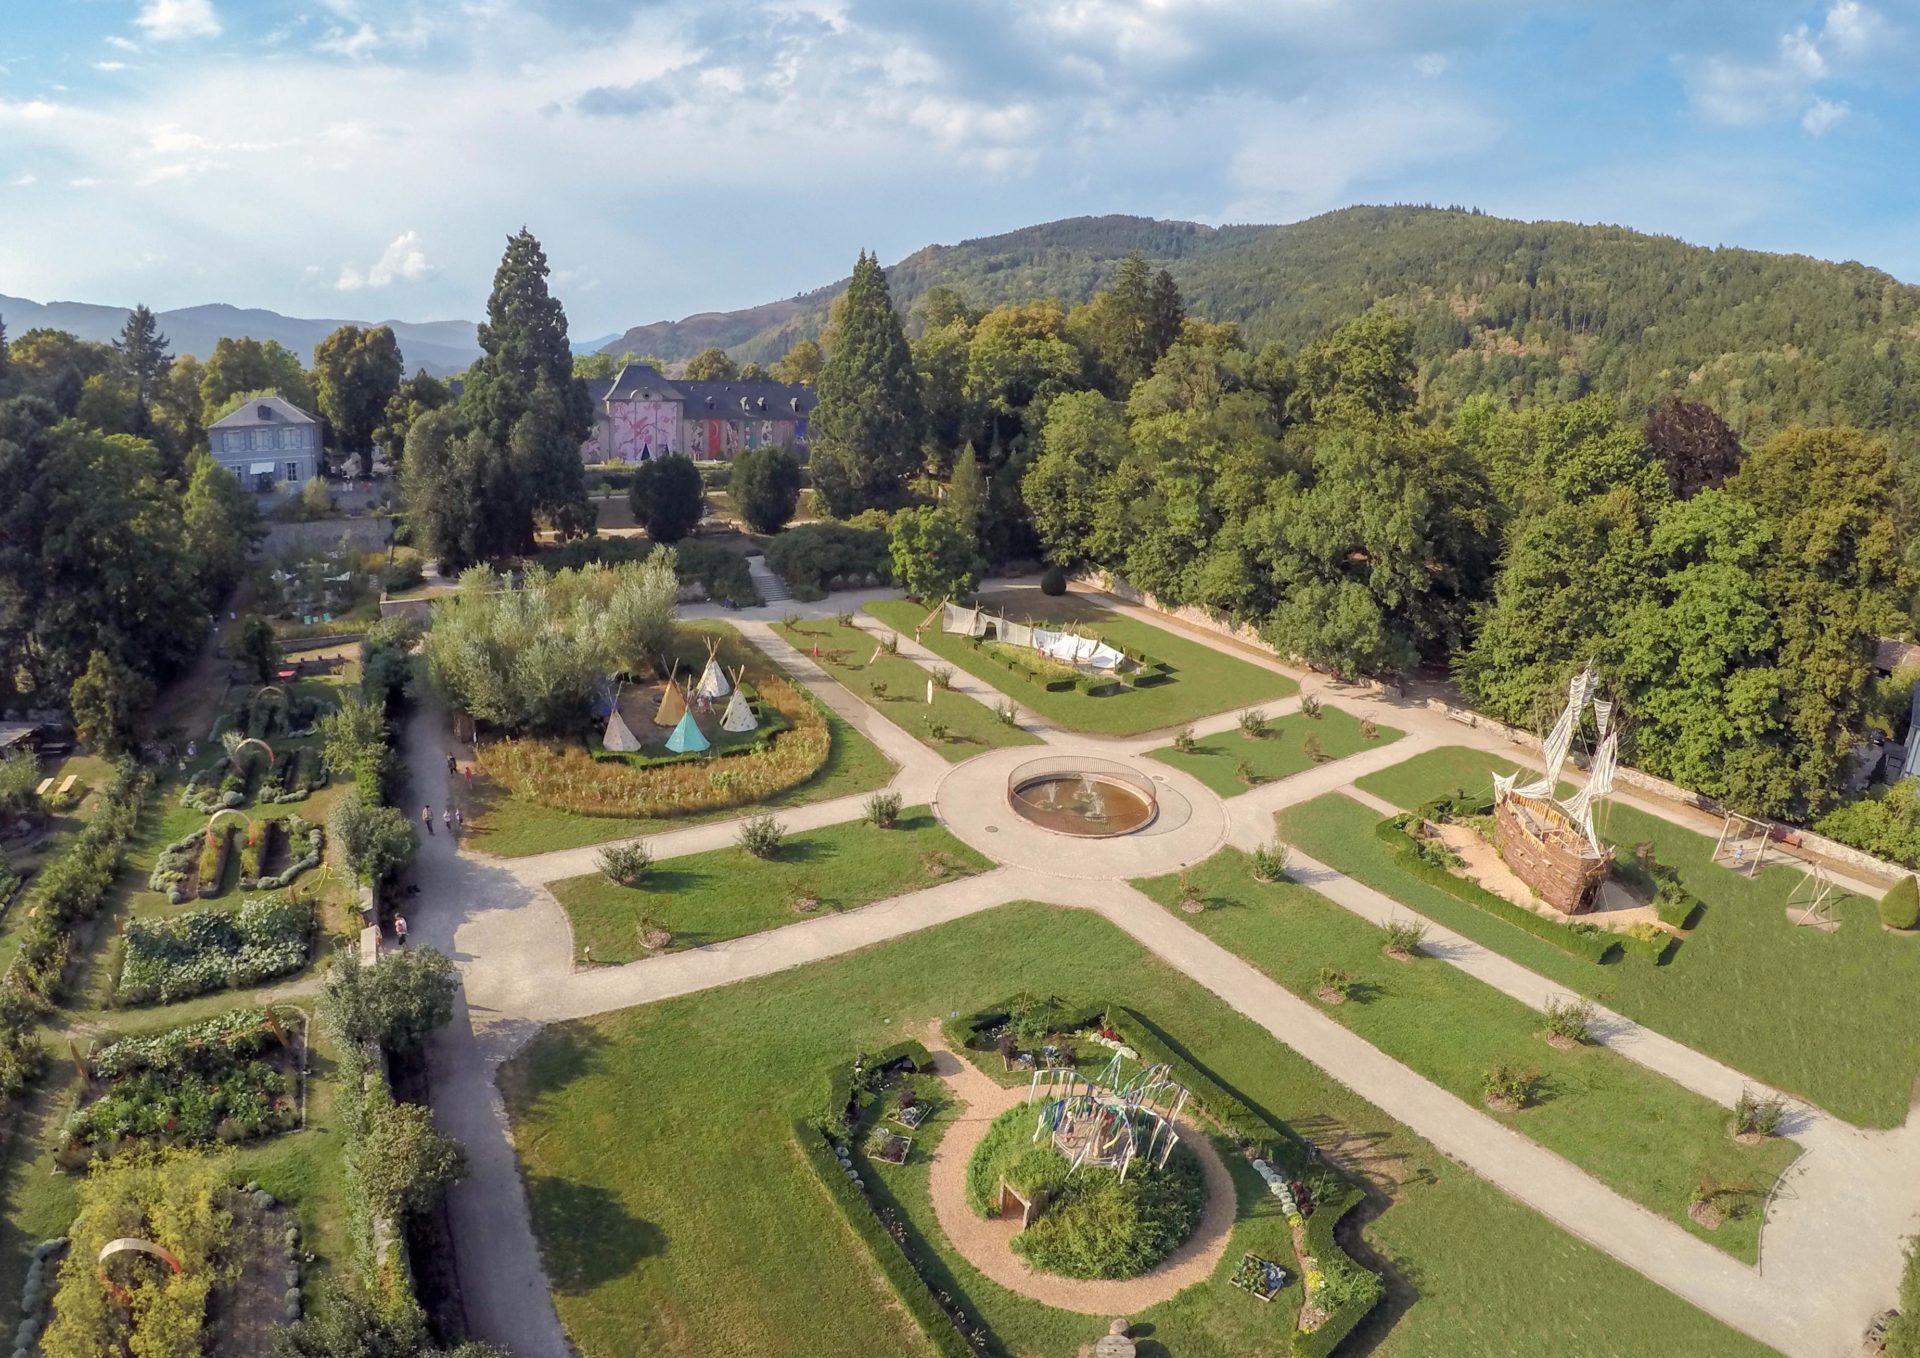 Jardins du Parc de Wesserling